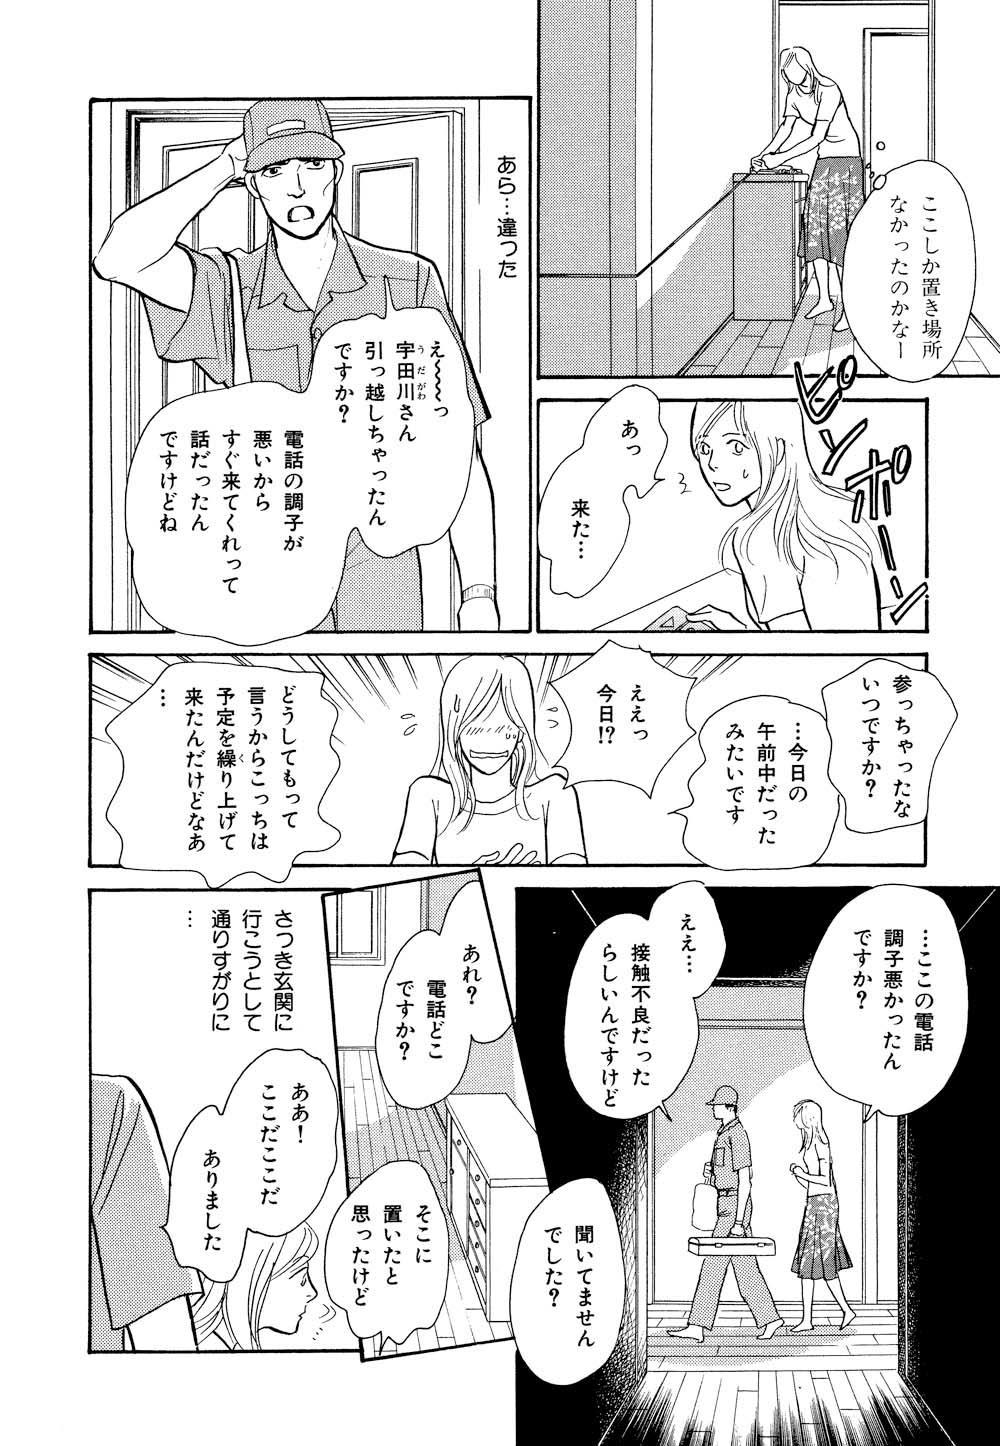 百鬼夜行抄_12_0160.jpg